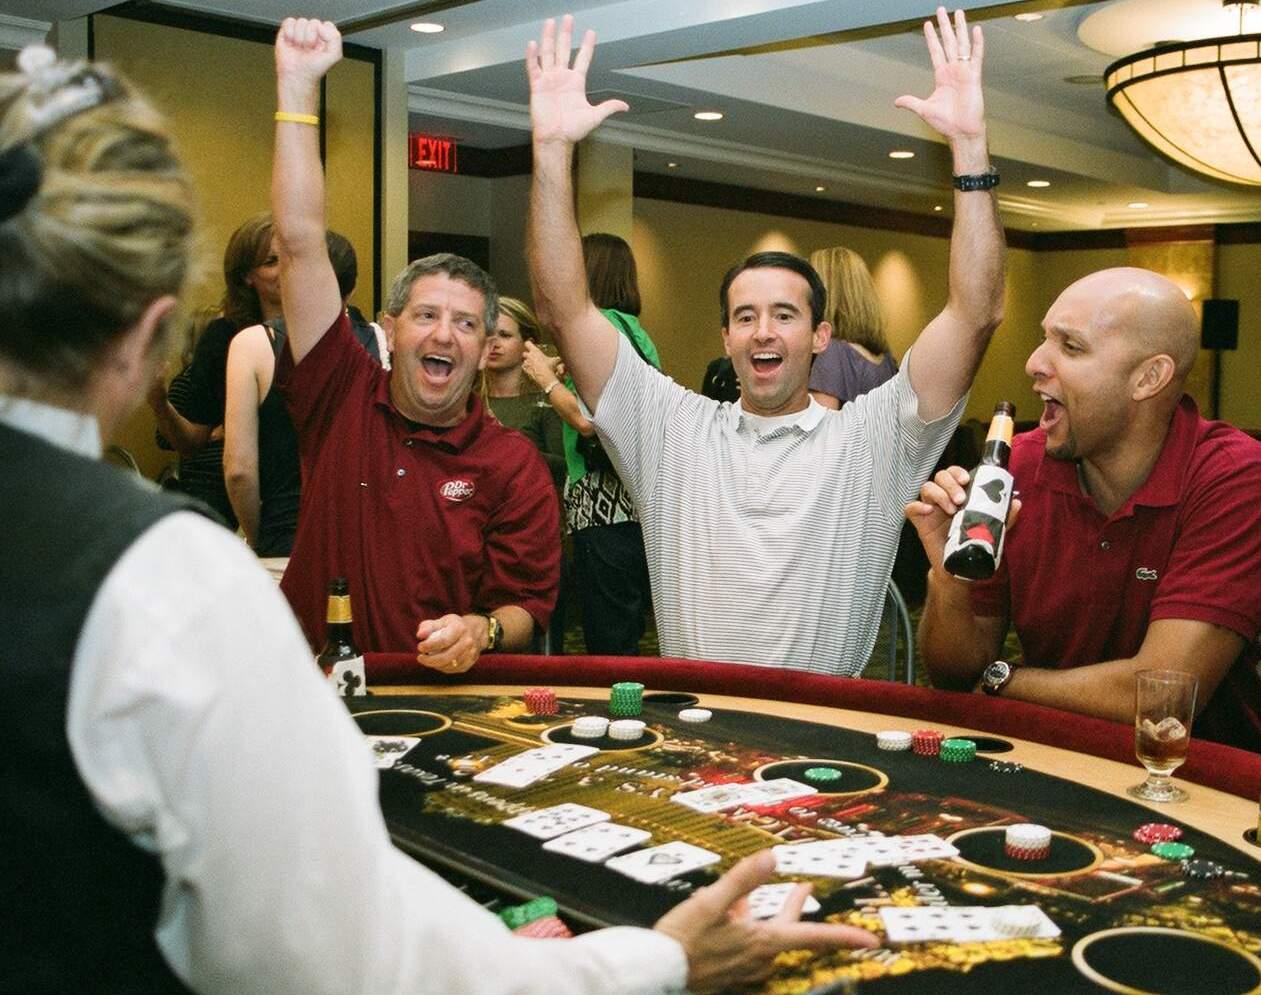 Adult Casino